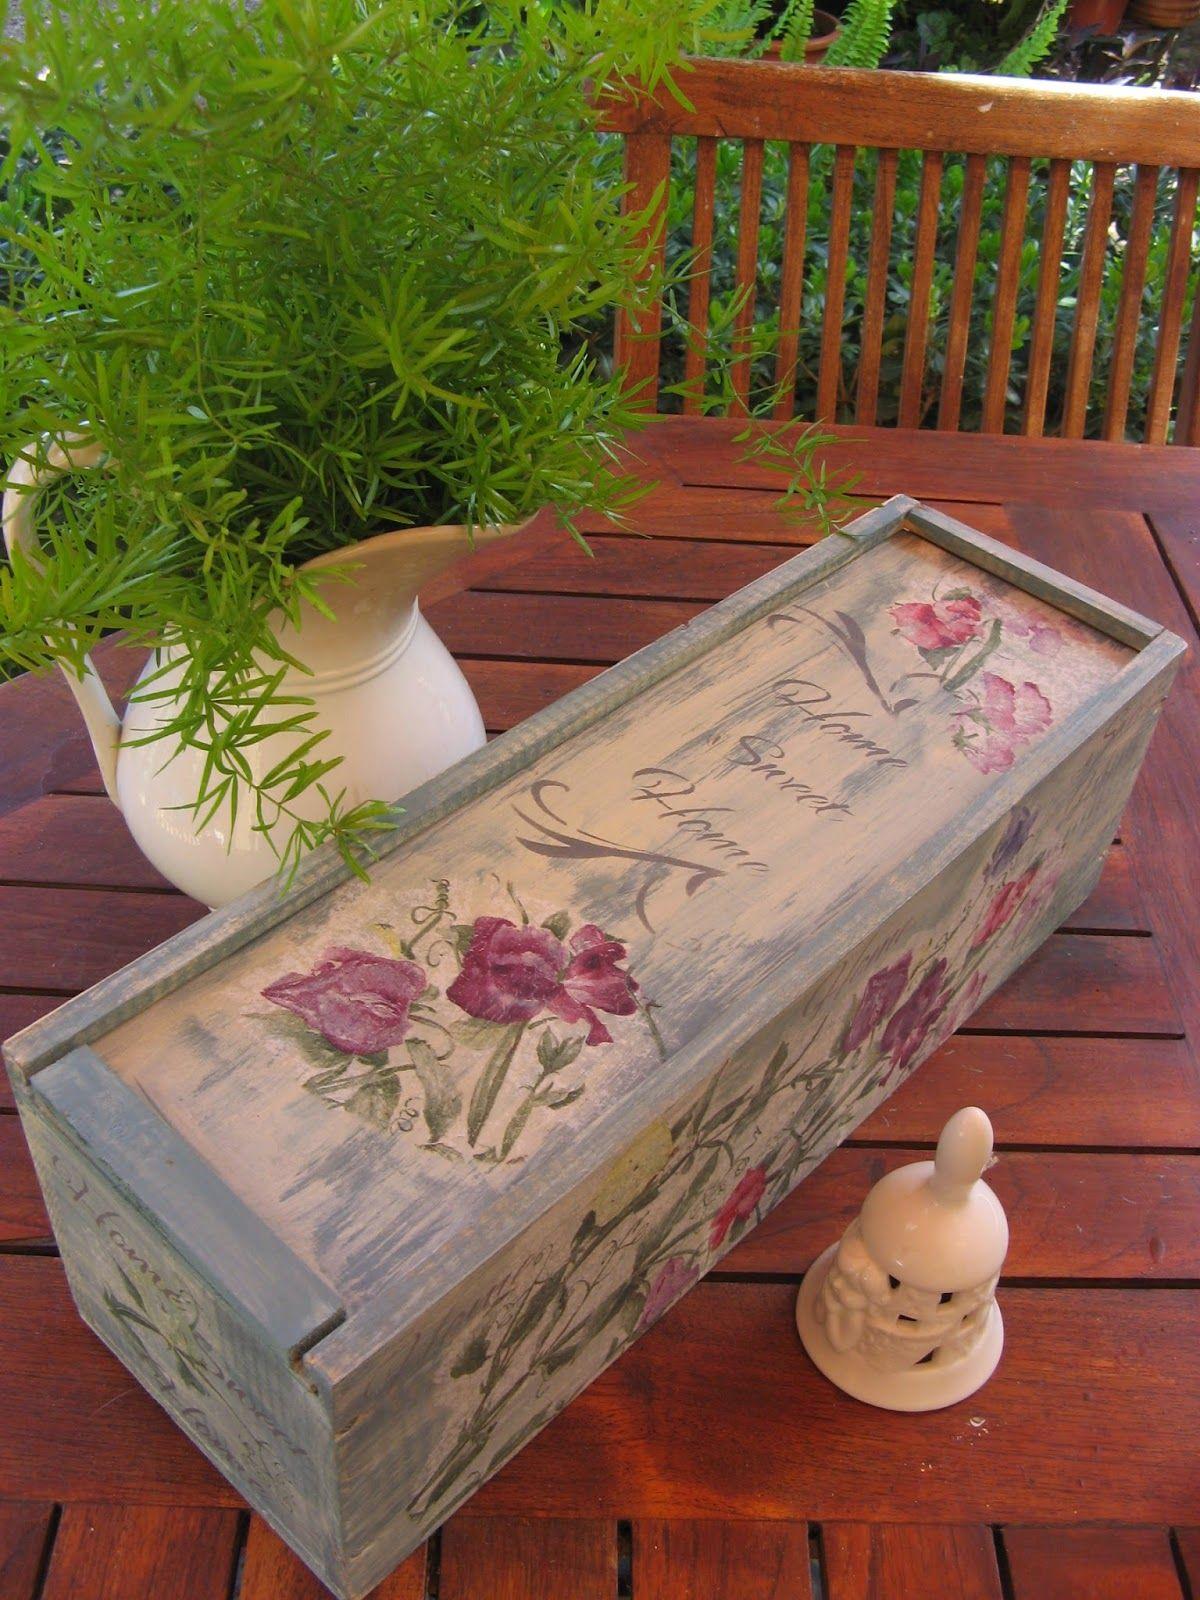 Caja de vino reciclada decorada con decoupage y stencils - Decorar cajas de madera manualidades ...